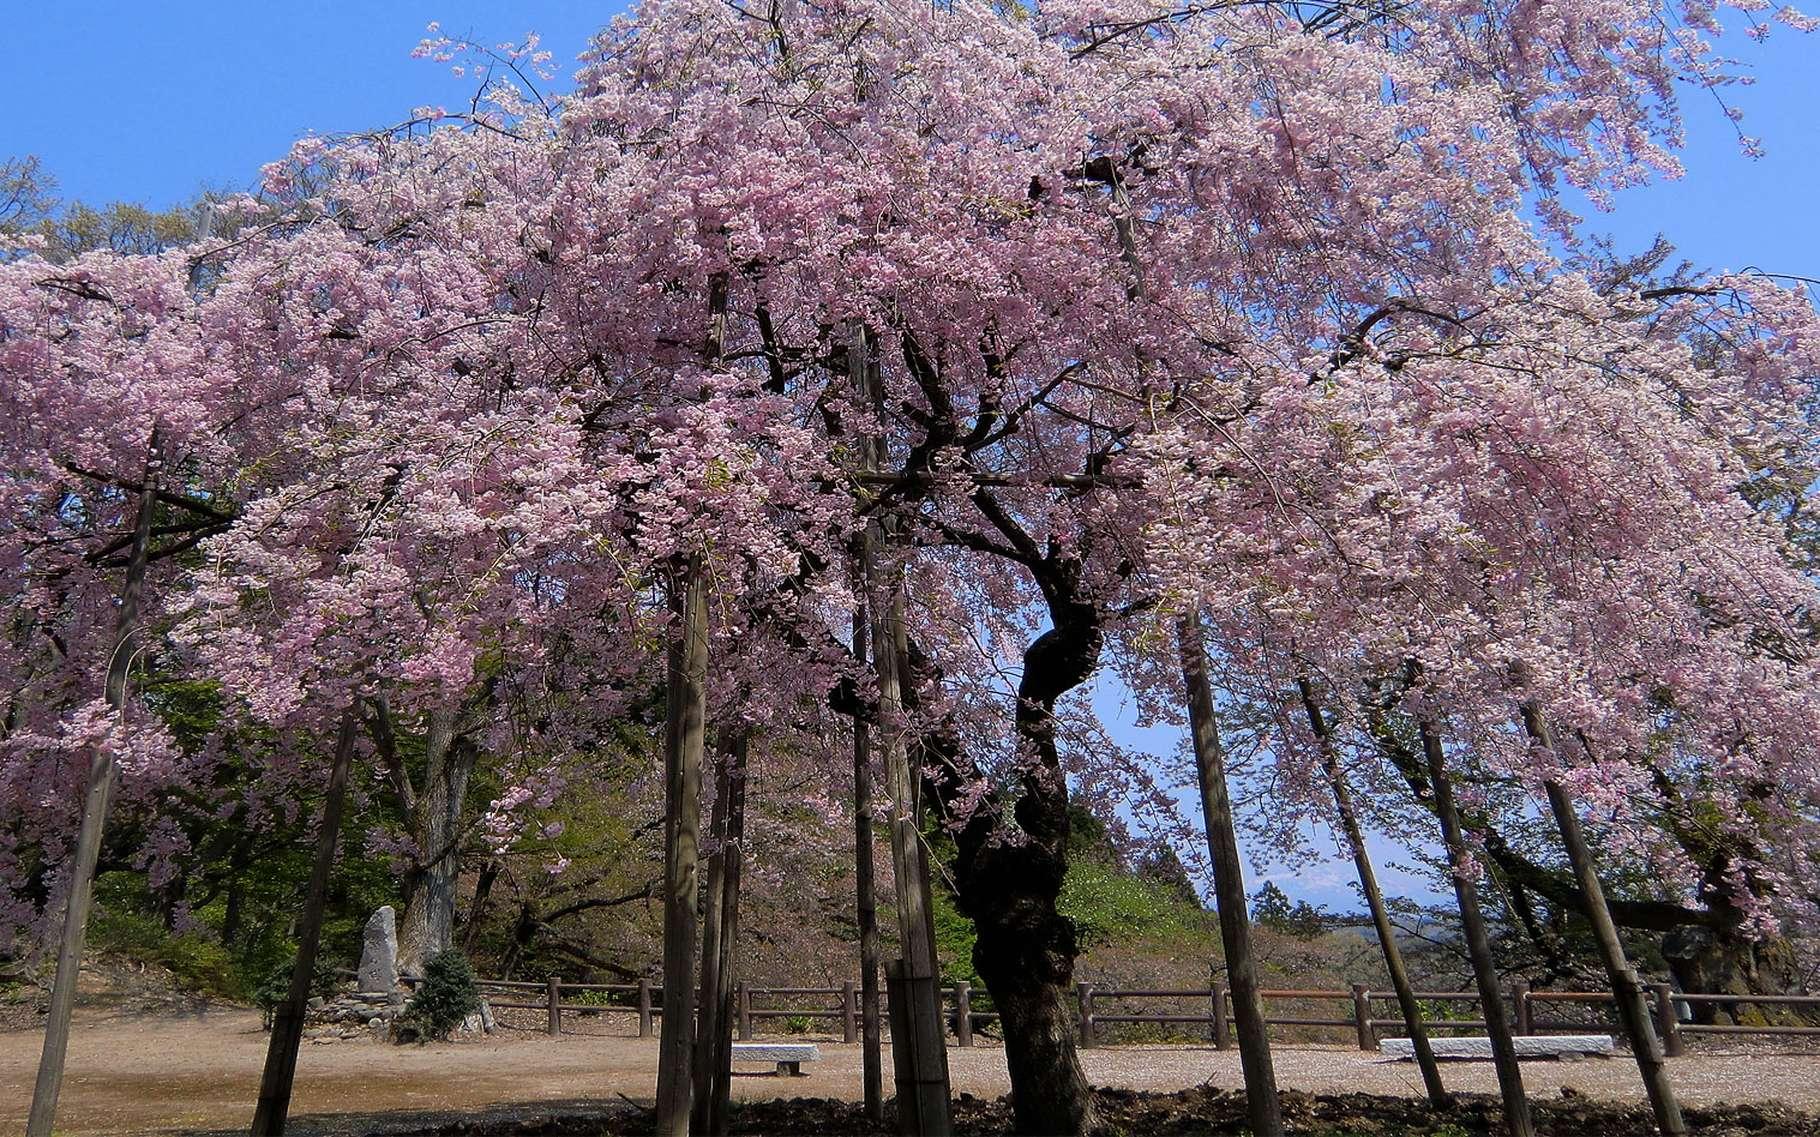 Hauteur Cerisier Du Japon définition | cerisier d'hiver - prunus subhirtella | futura